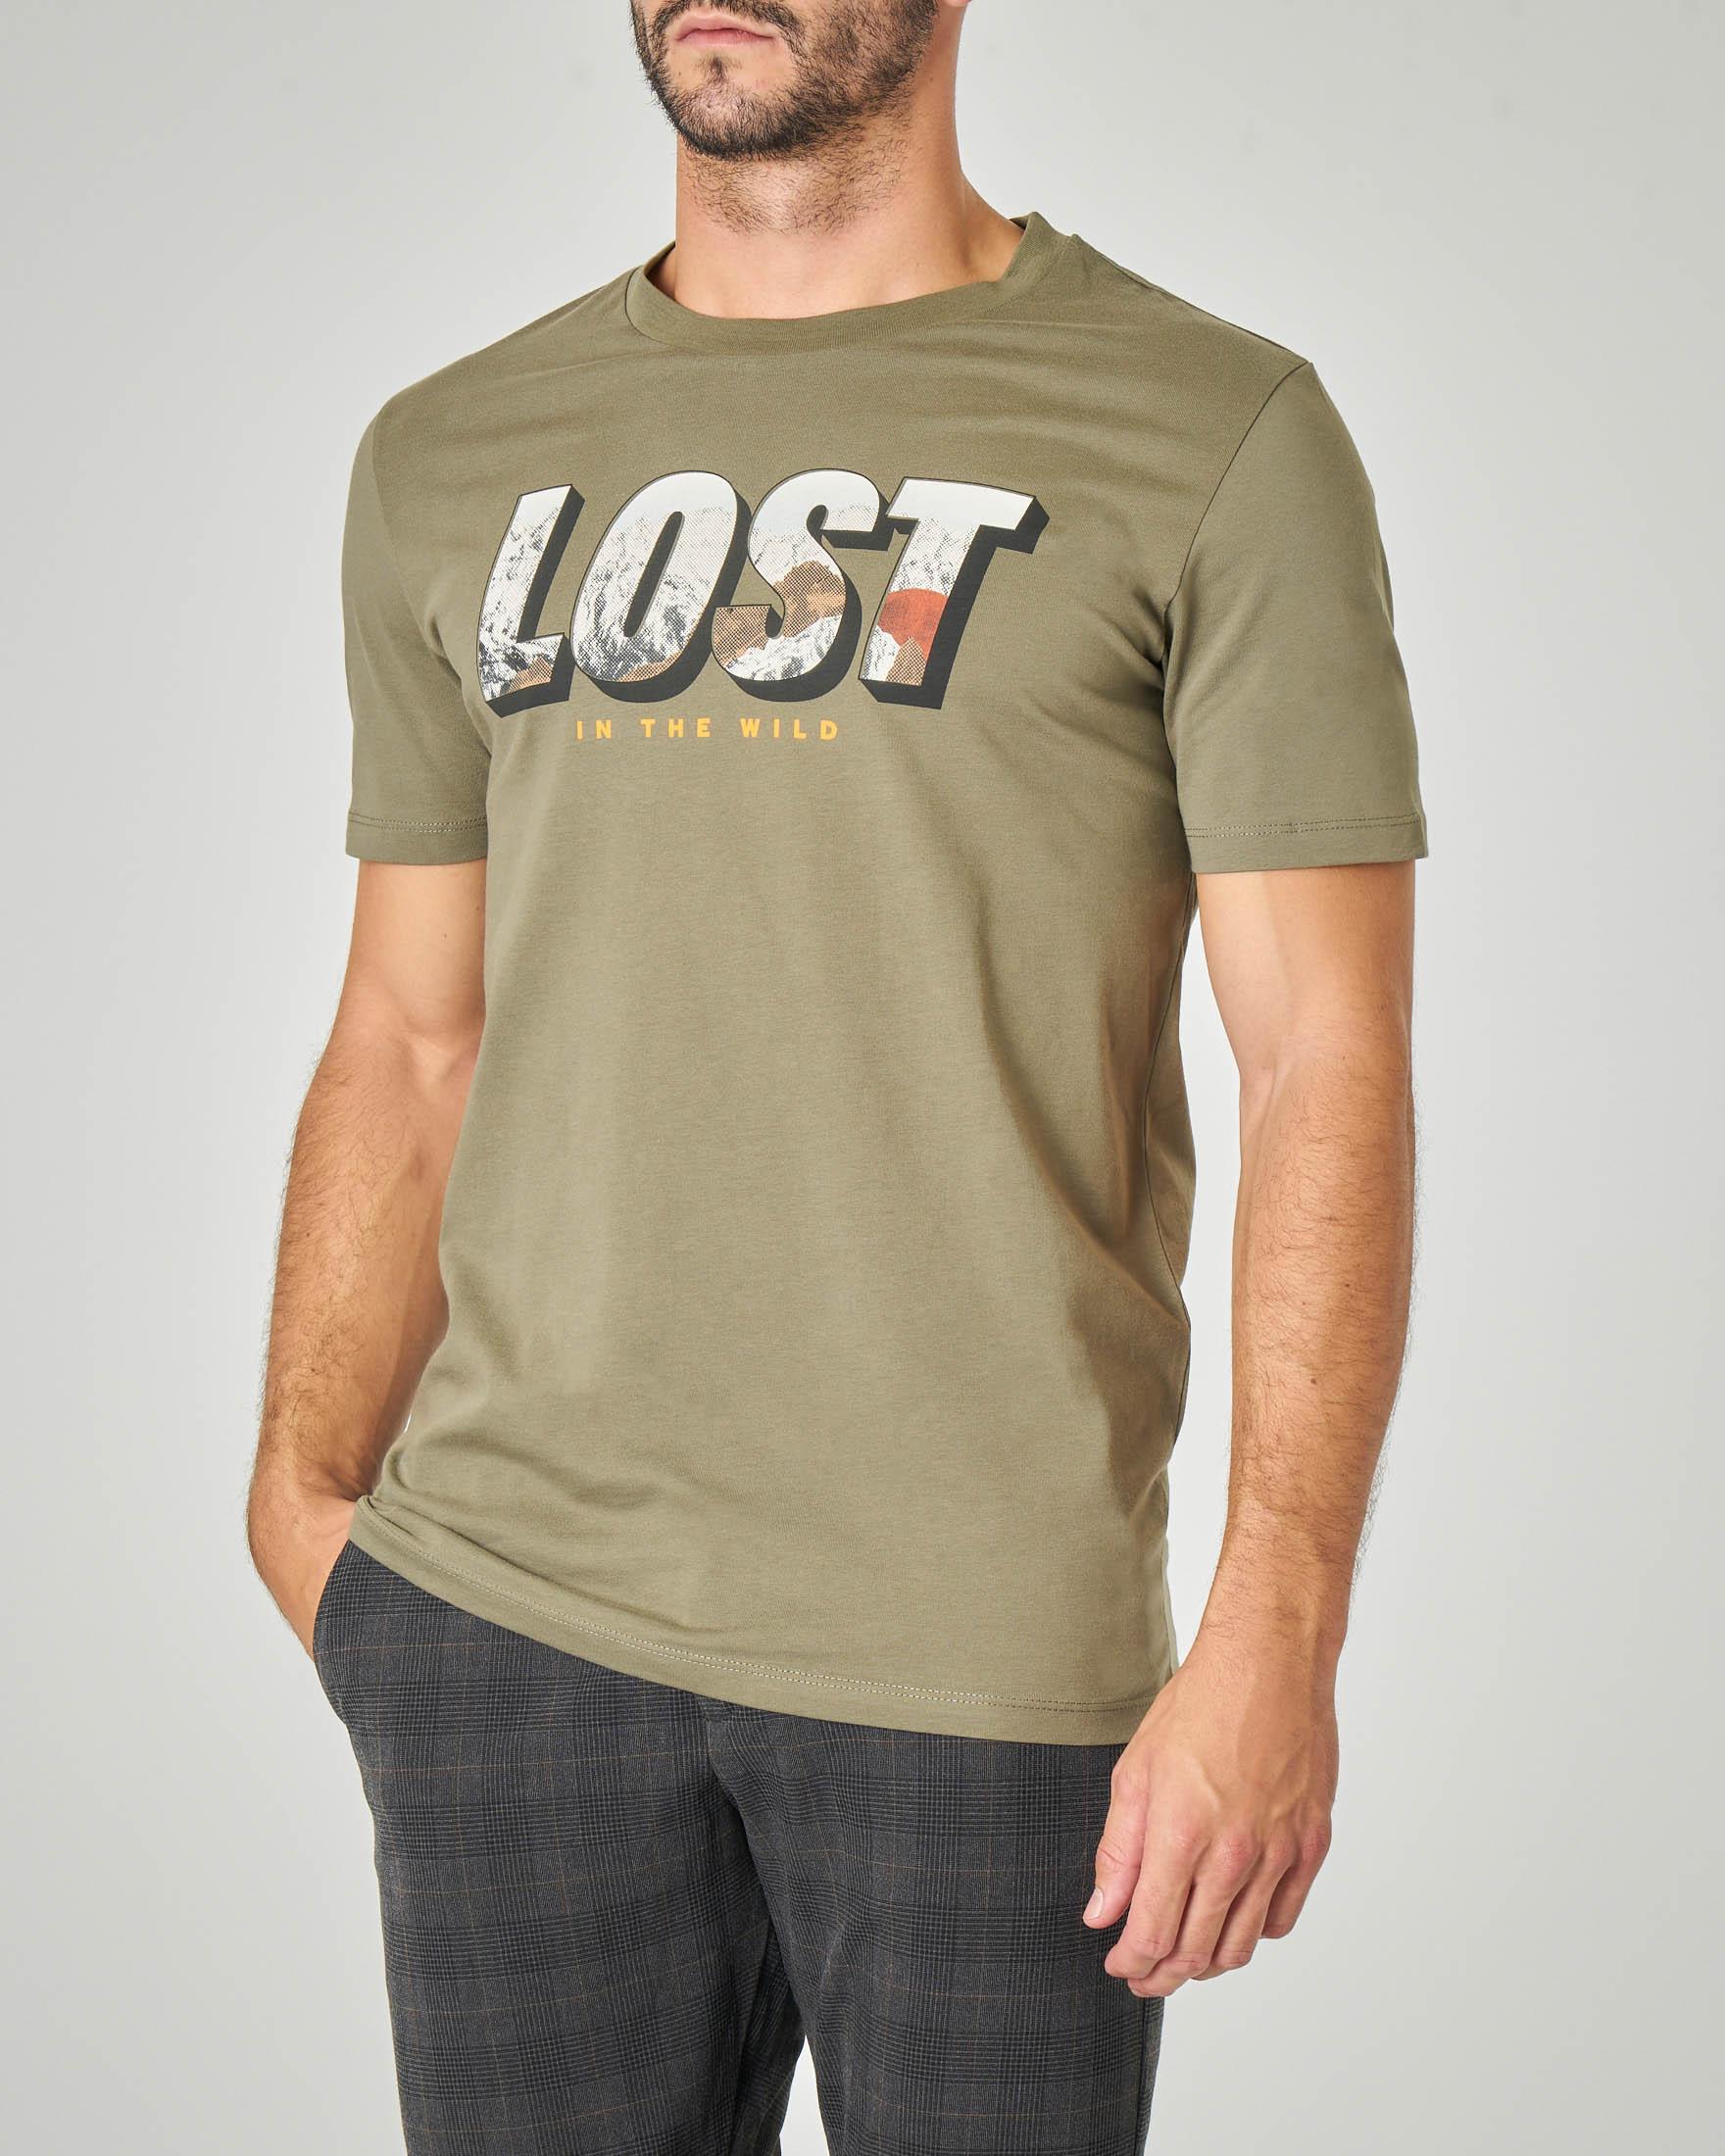 T-shirt verde militare mezza manica con stampa scritta grafica